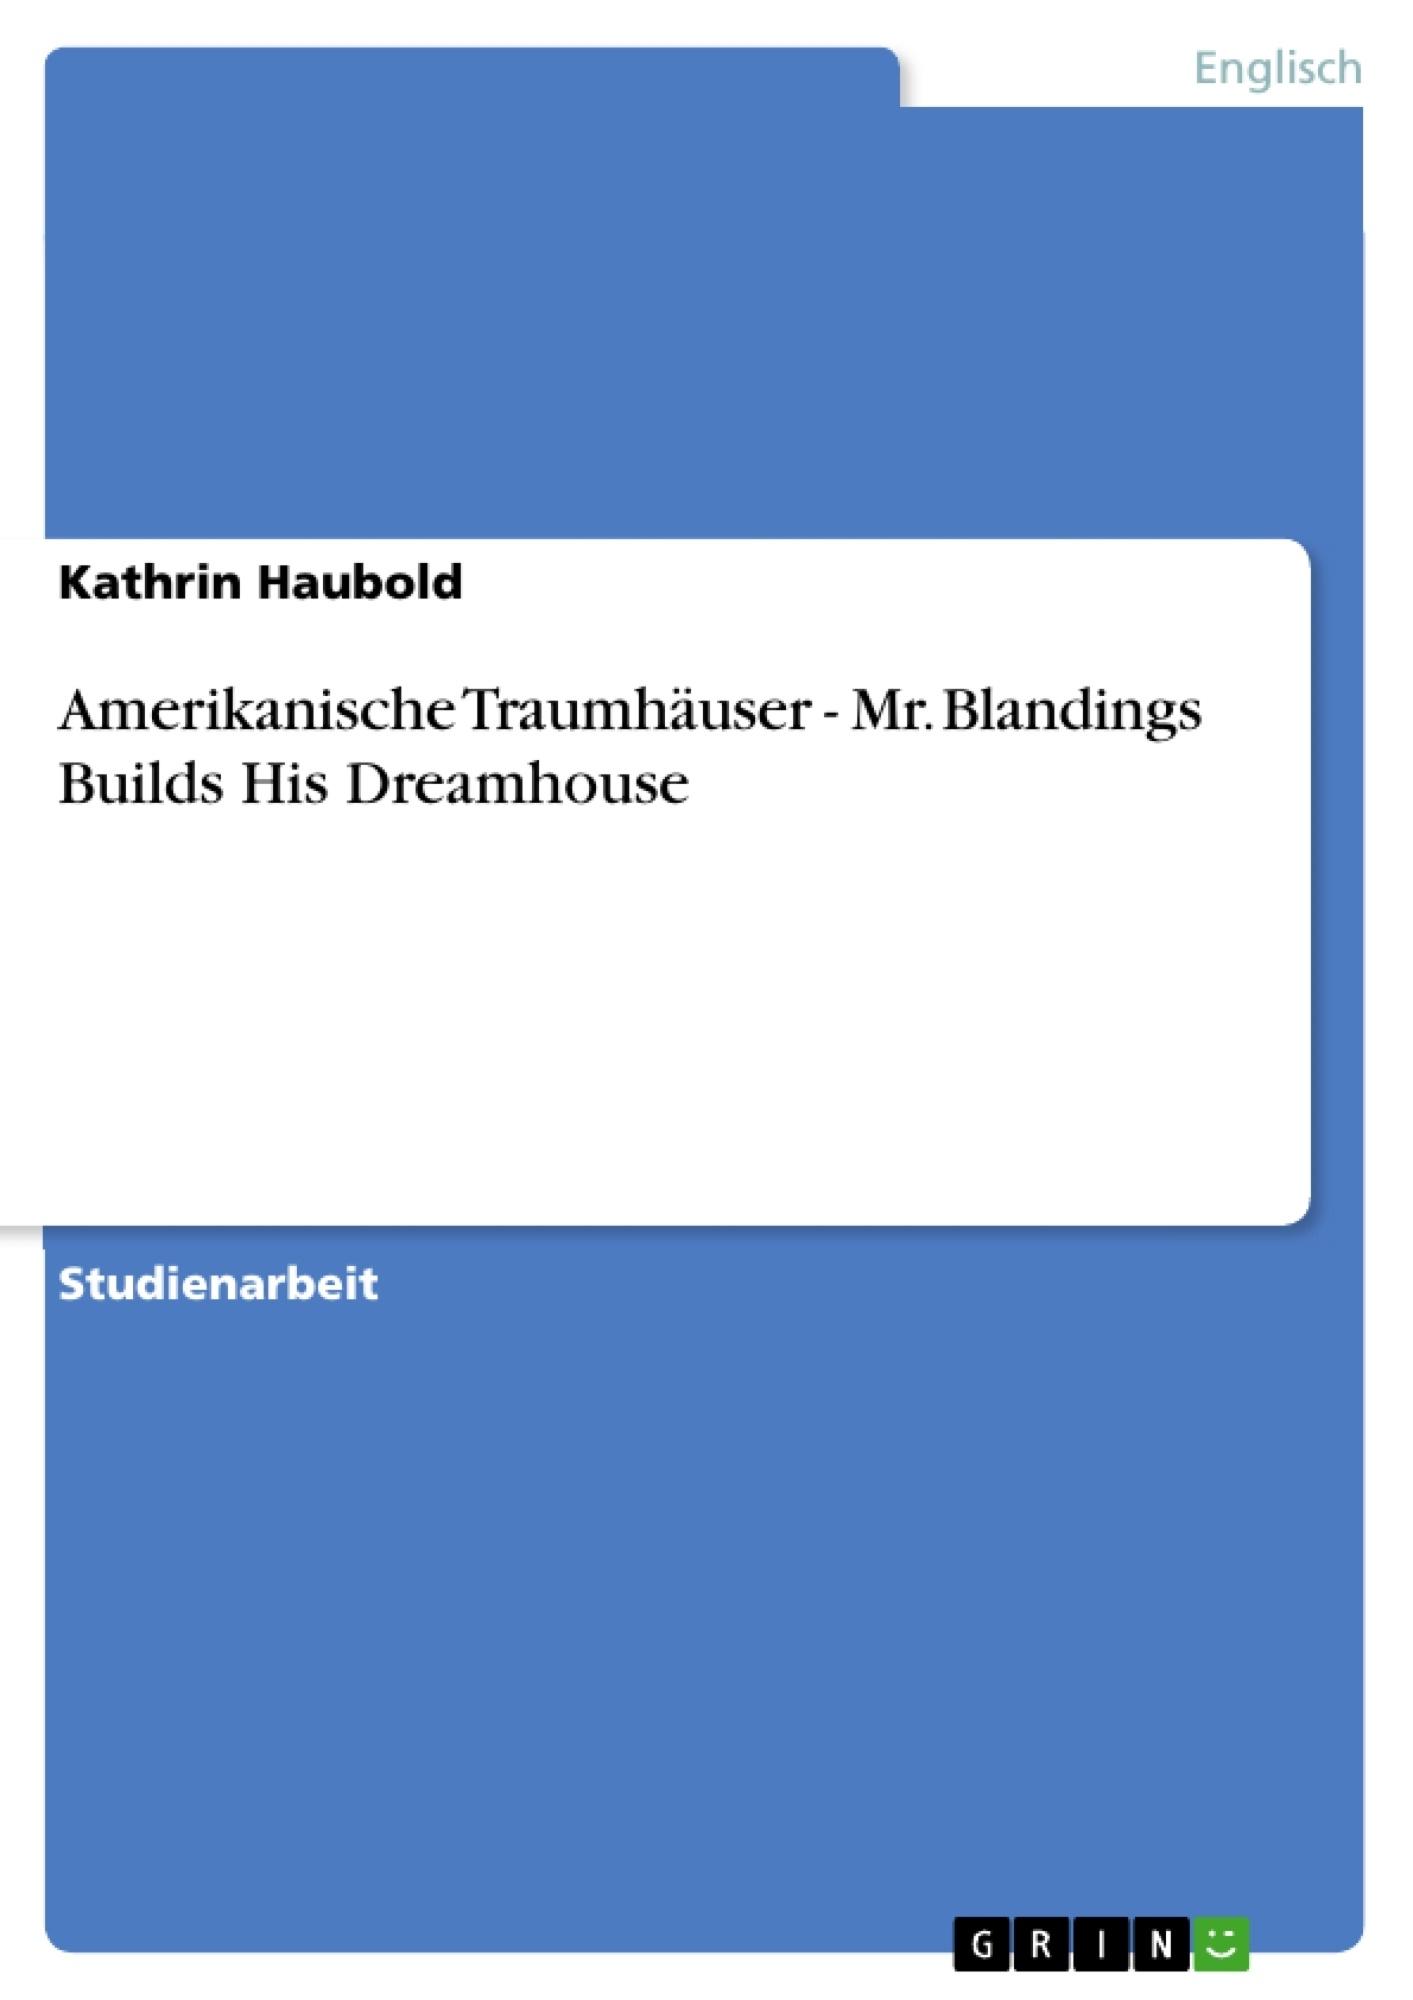 Titel: Amerikanische Traumhäuser -  Mr. Blandings Builds His Dreamhouse